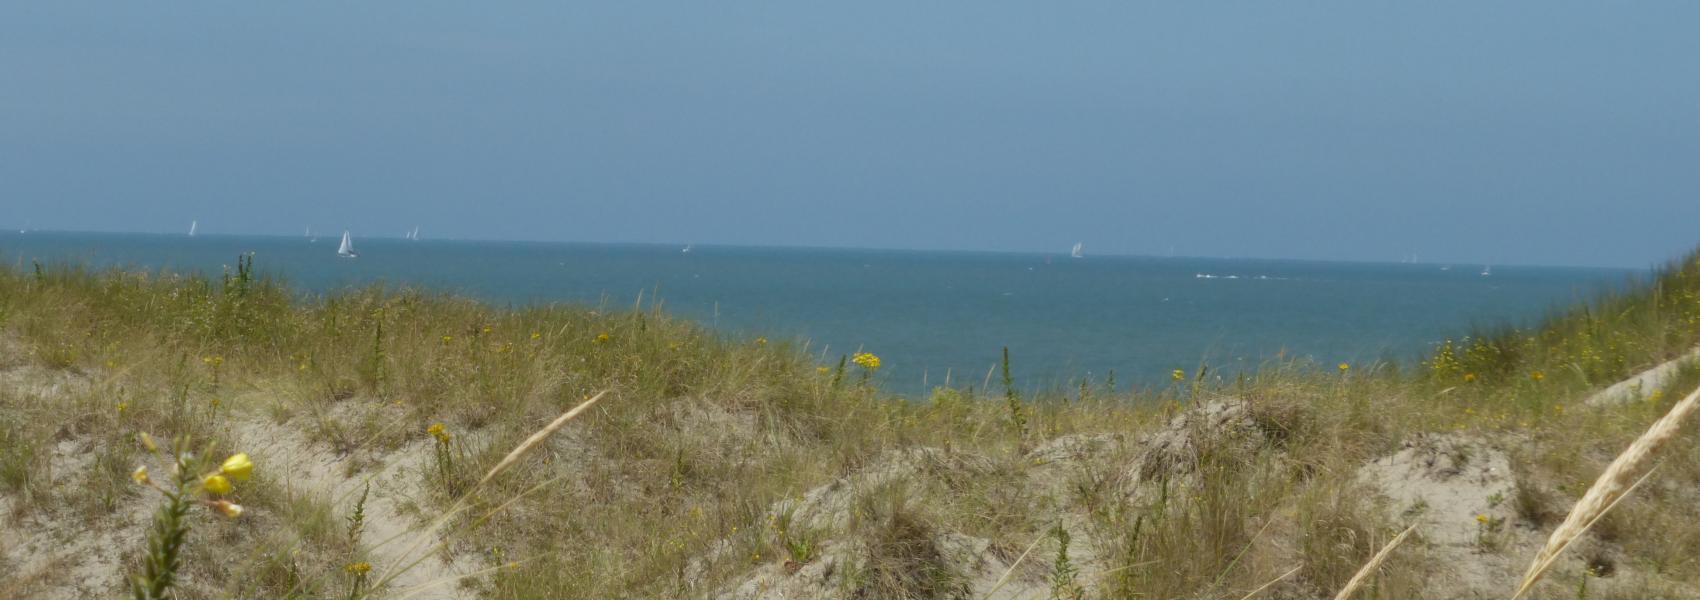 duinen met op de achtergrond zee